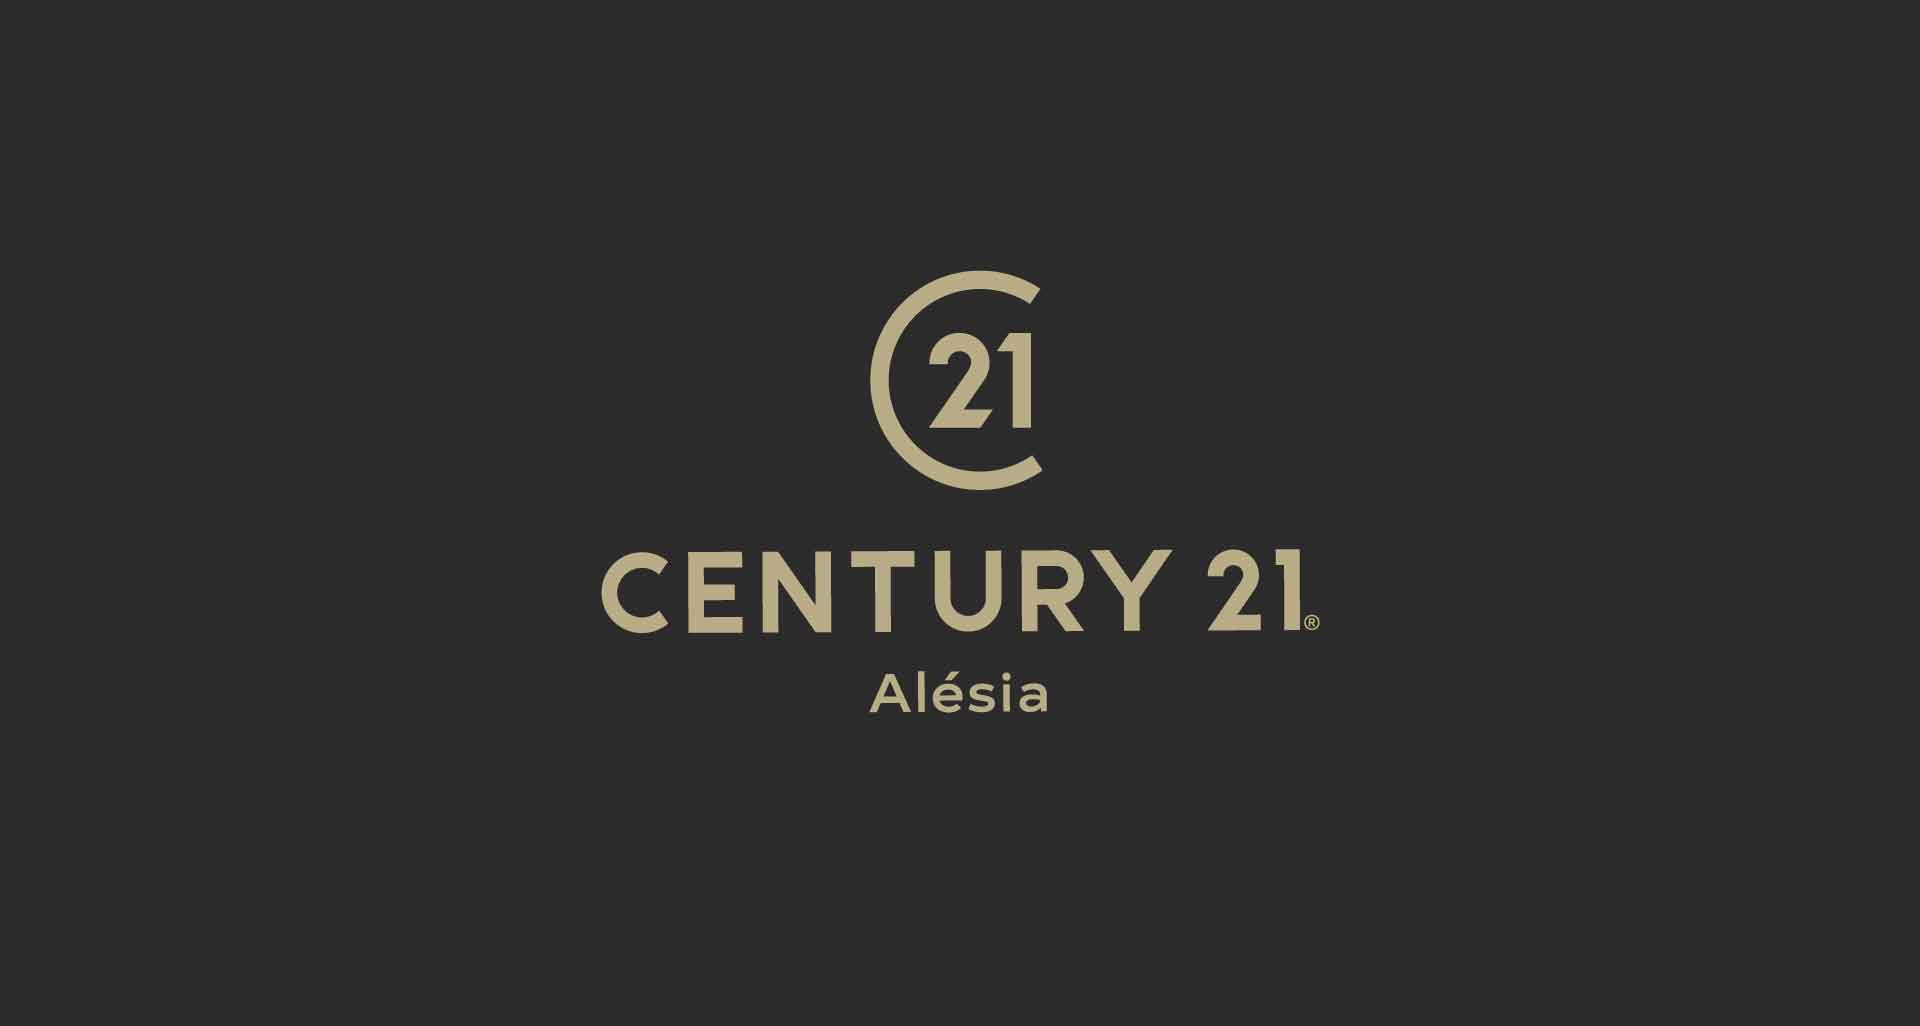 Magazine pour Century 21 Alesia par l'agence Cassian